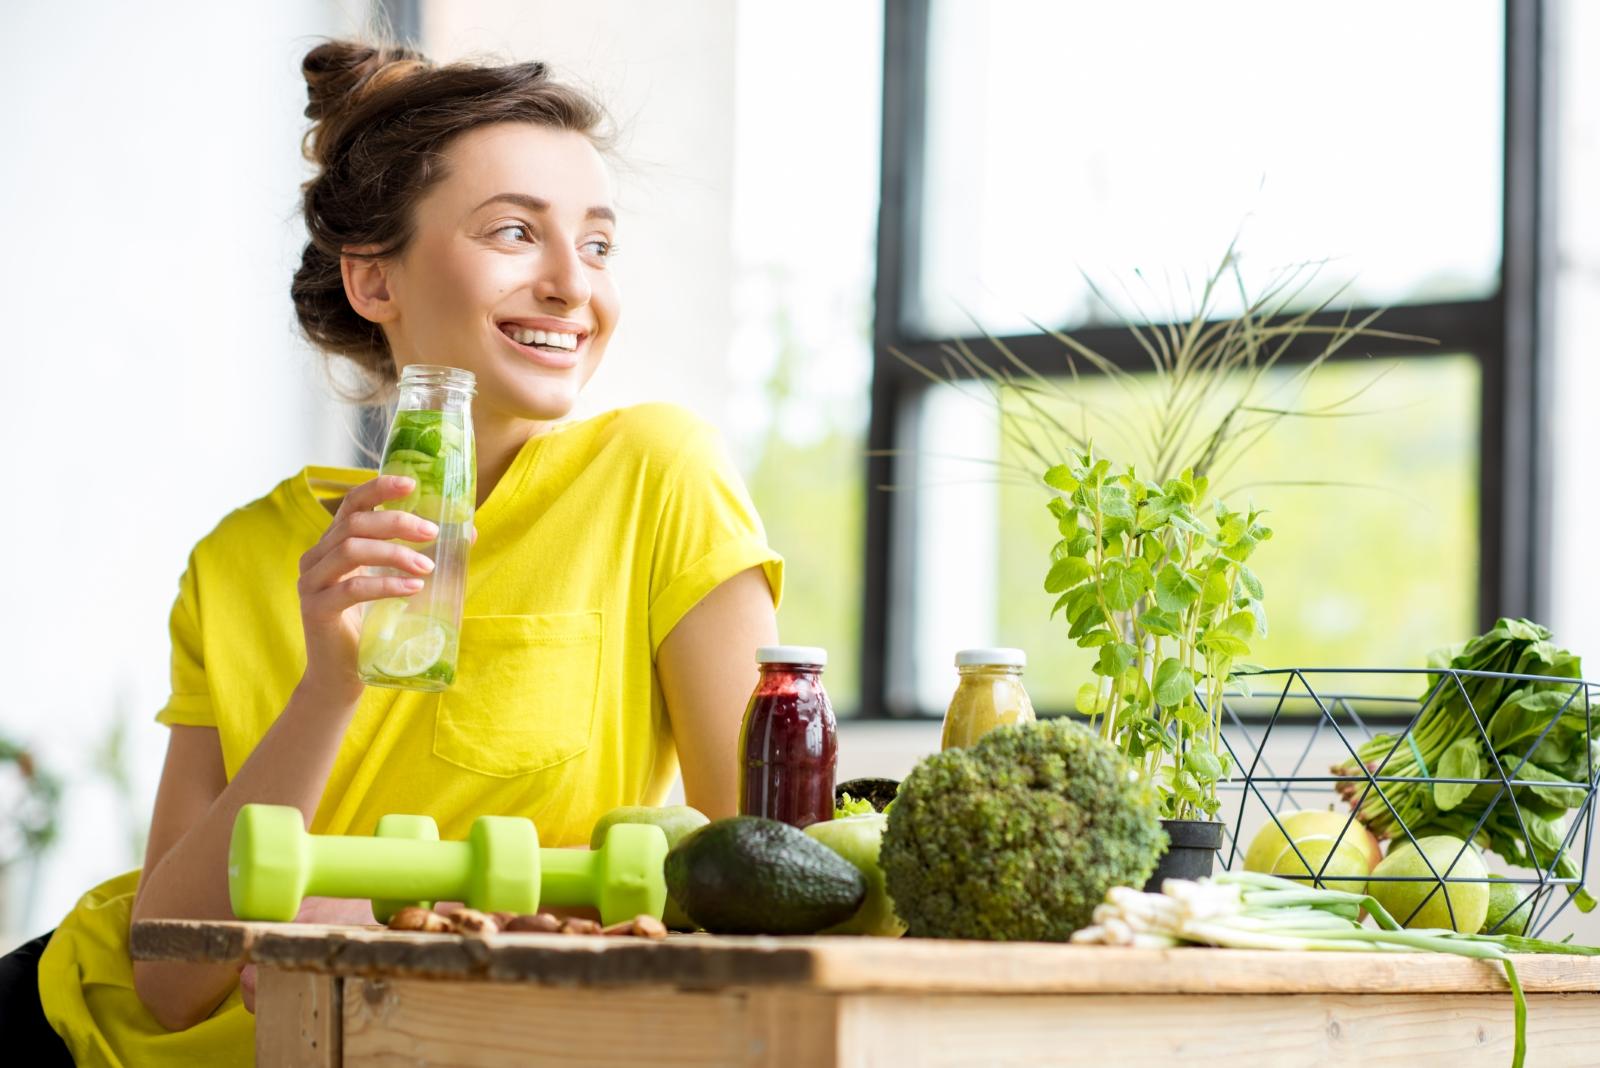 Диетата може да ни накара да се чувстваме по-оптимистично настроени. Това се дължи на един специфичен антиоксидант, който се съдържа в зелените плодове и зеленчуци, както и в морковите.